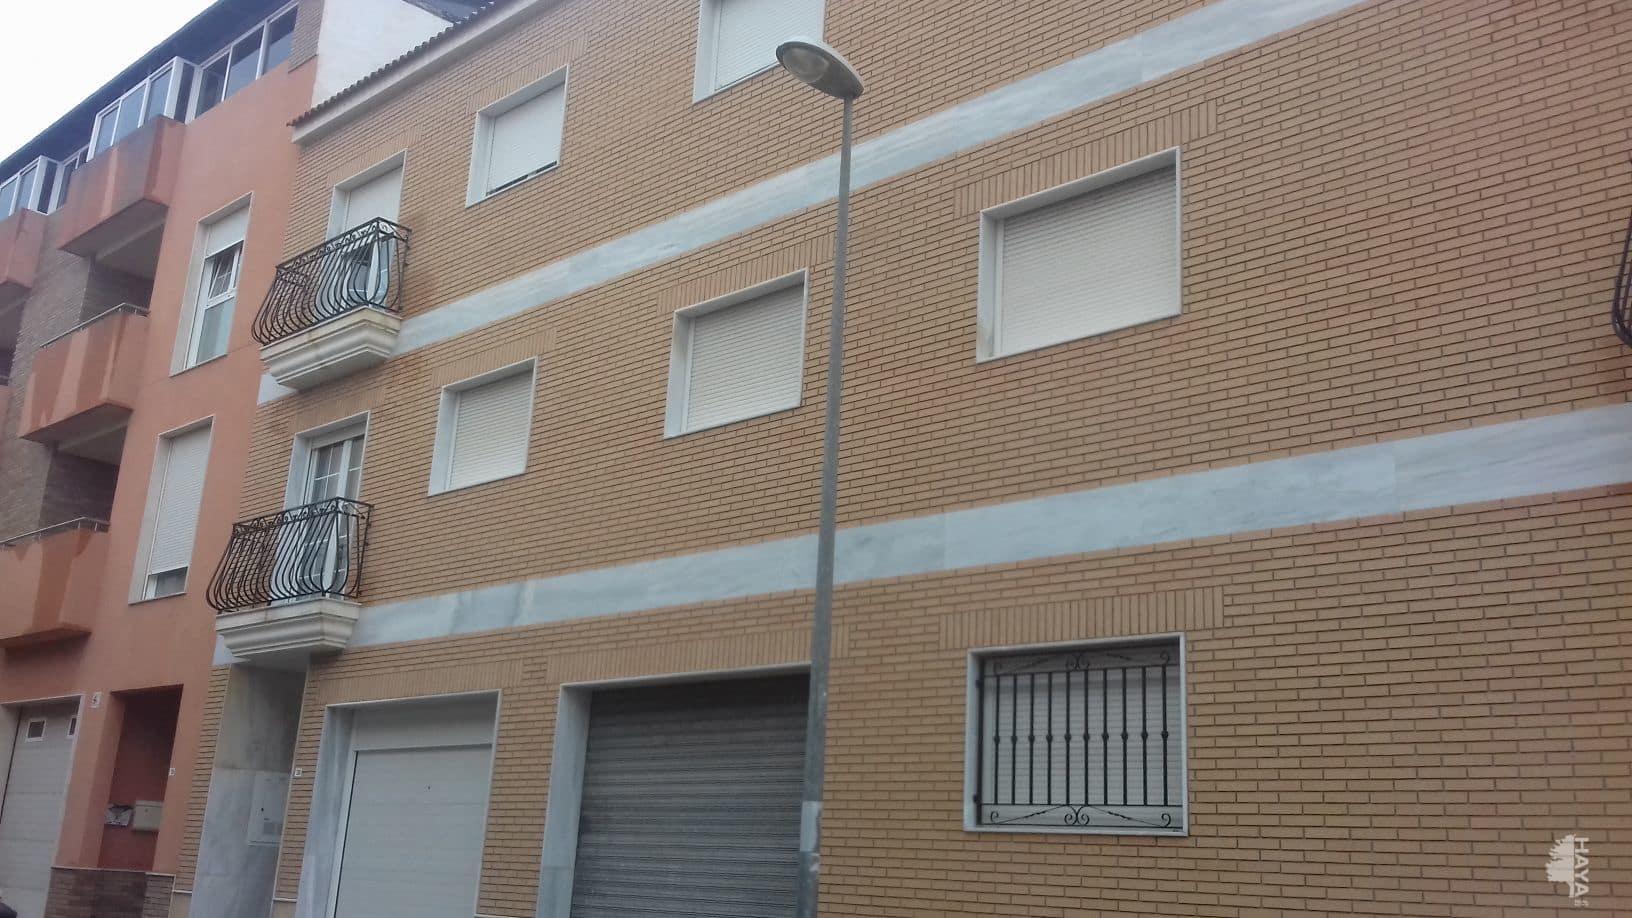 Piso en venta en Roquetas de Mar, Almería, Calle Velazquez, 63.700 €, 3 habitaciones, 1 baño, 103 m2